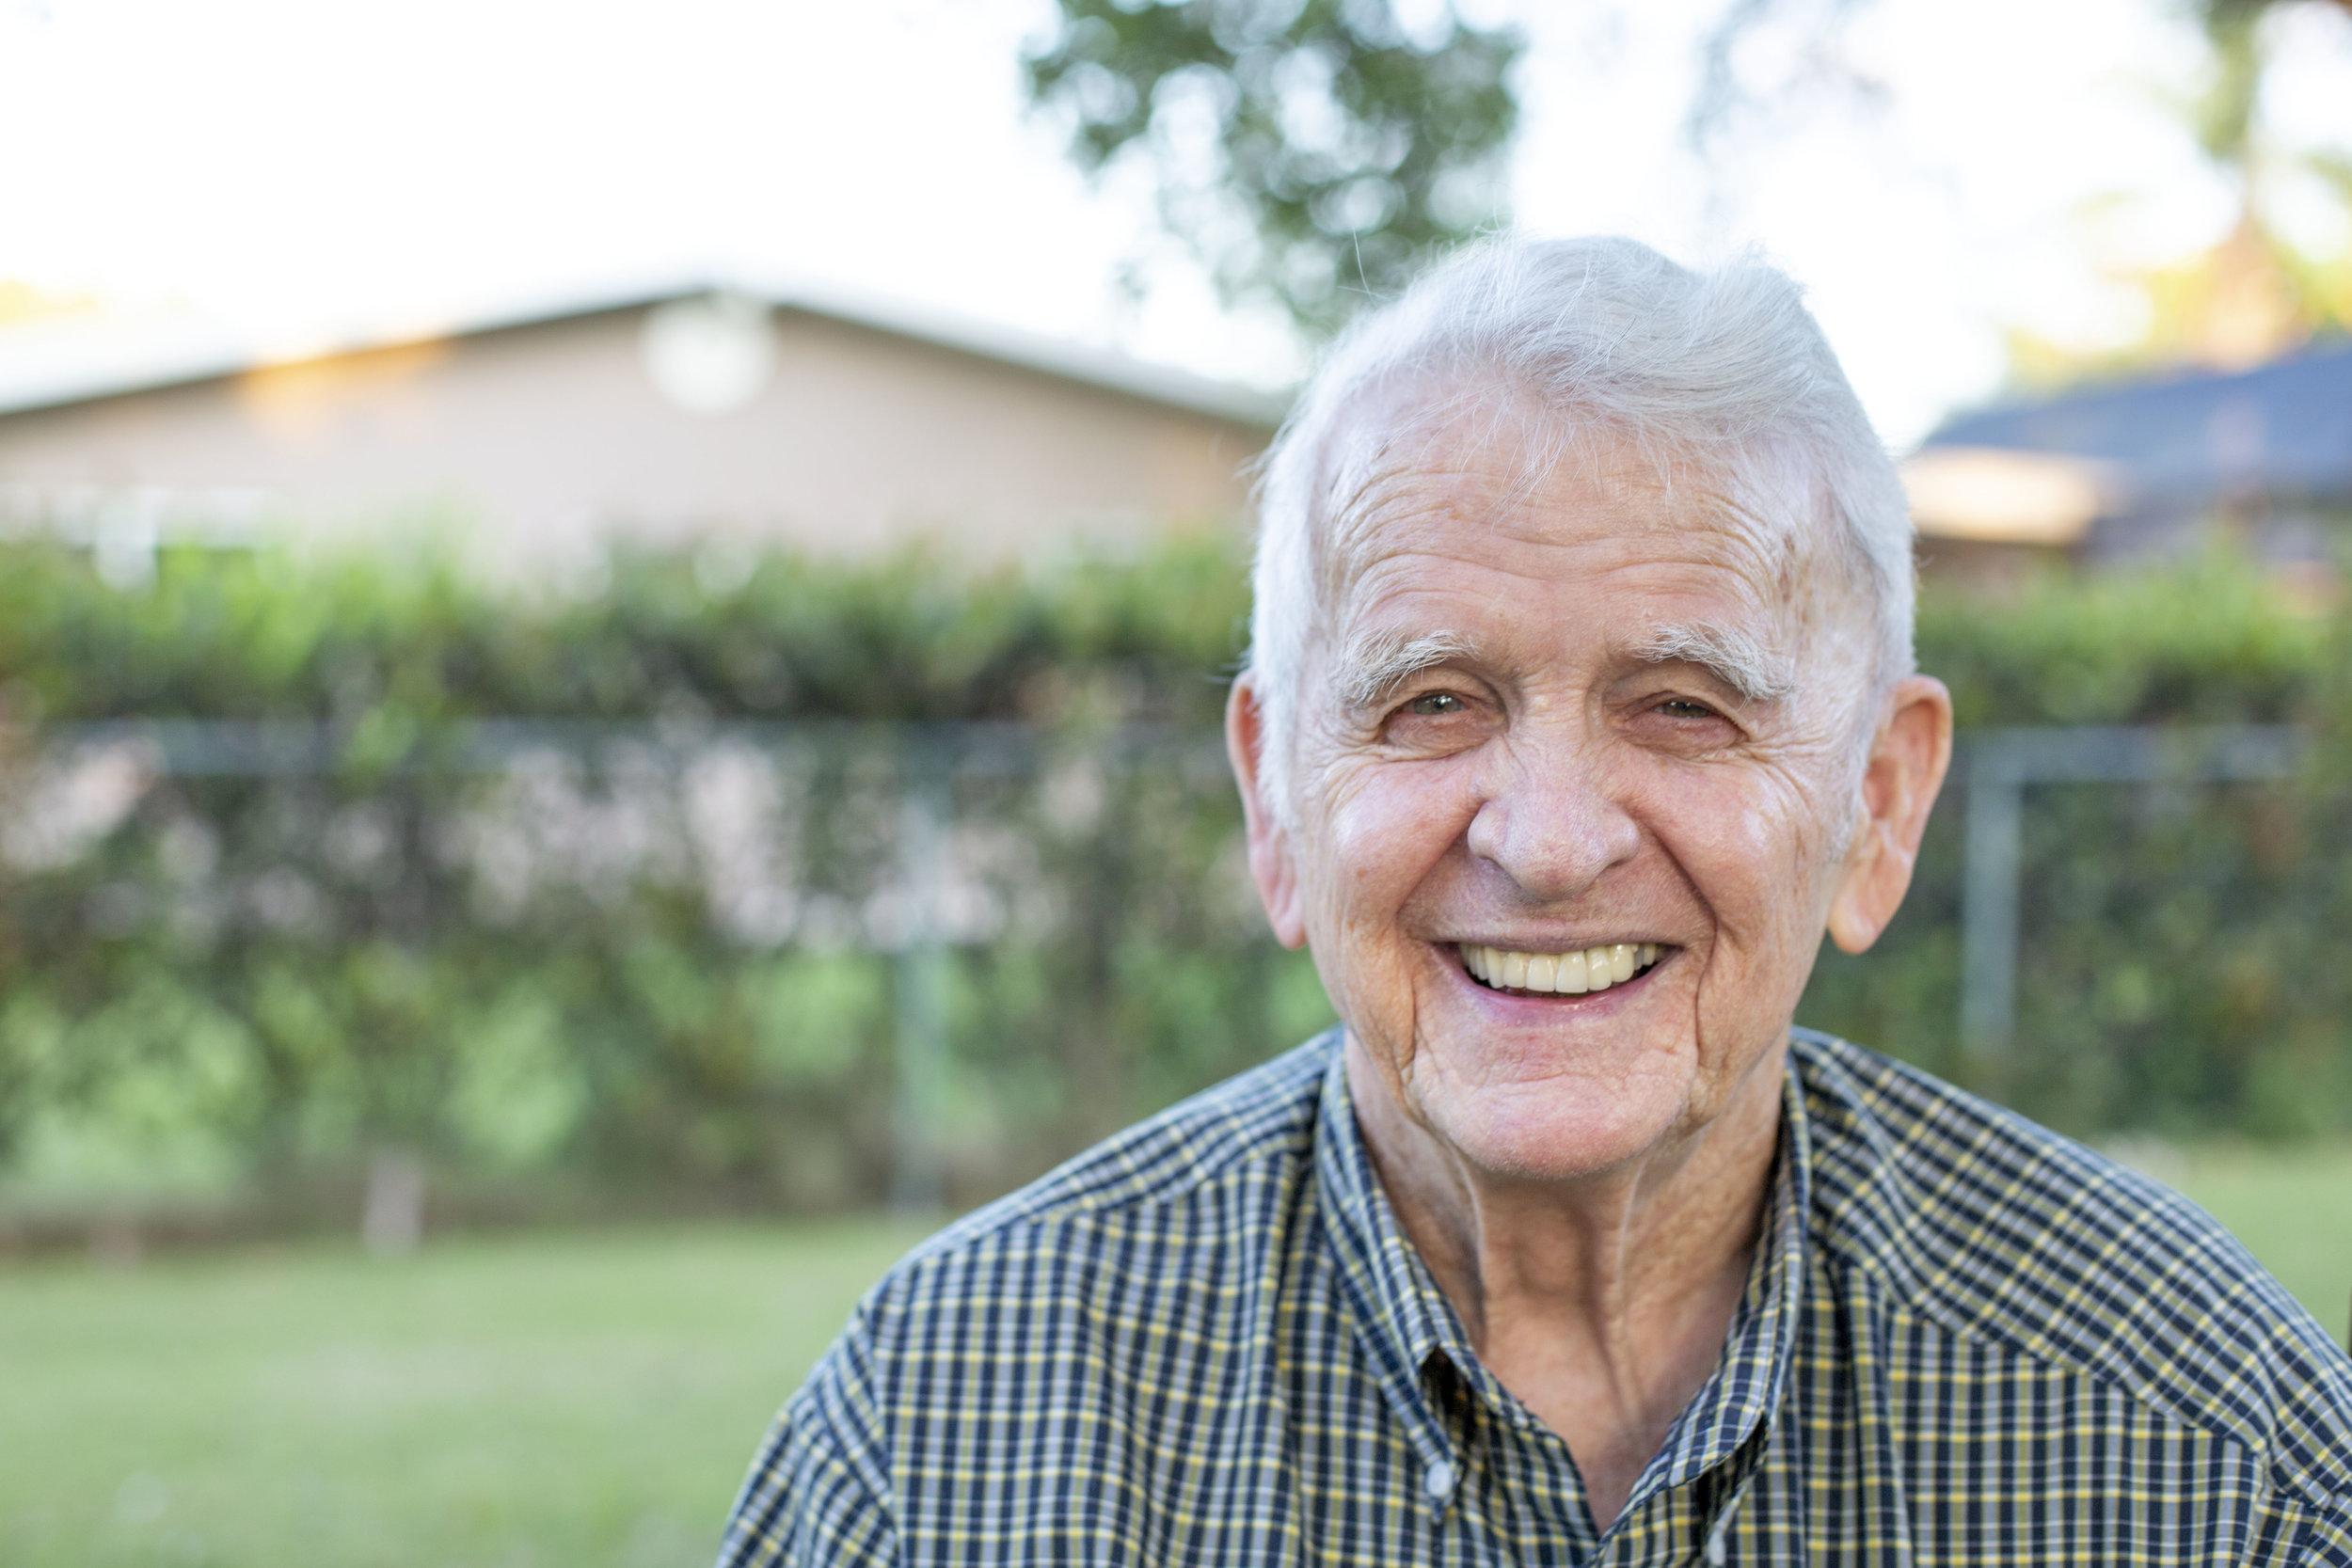 In Loving Memory of - My Granddad Joseph S. Hice Sr.